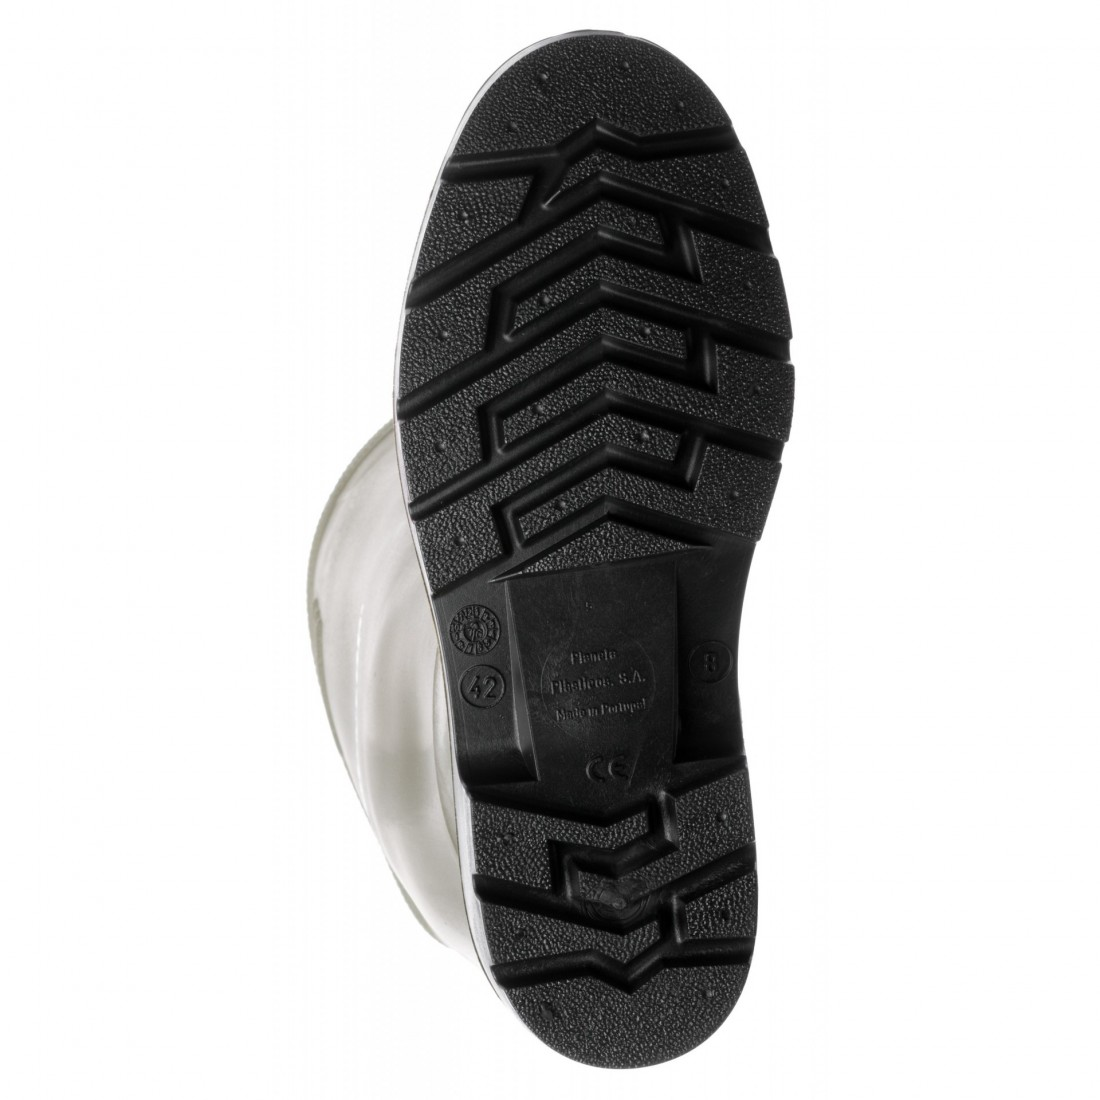 Ενδυση Εργασιας - Γαλότσα PVC Dunlop 3f1f61fbad0